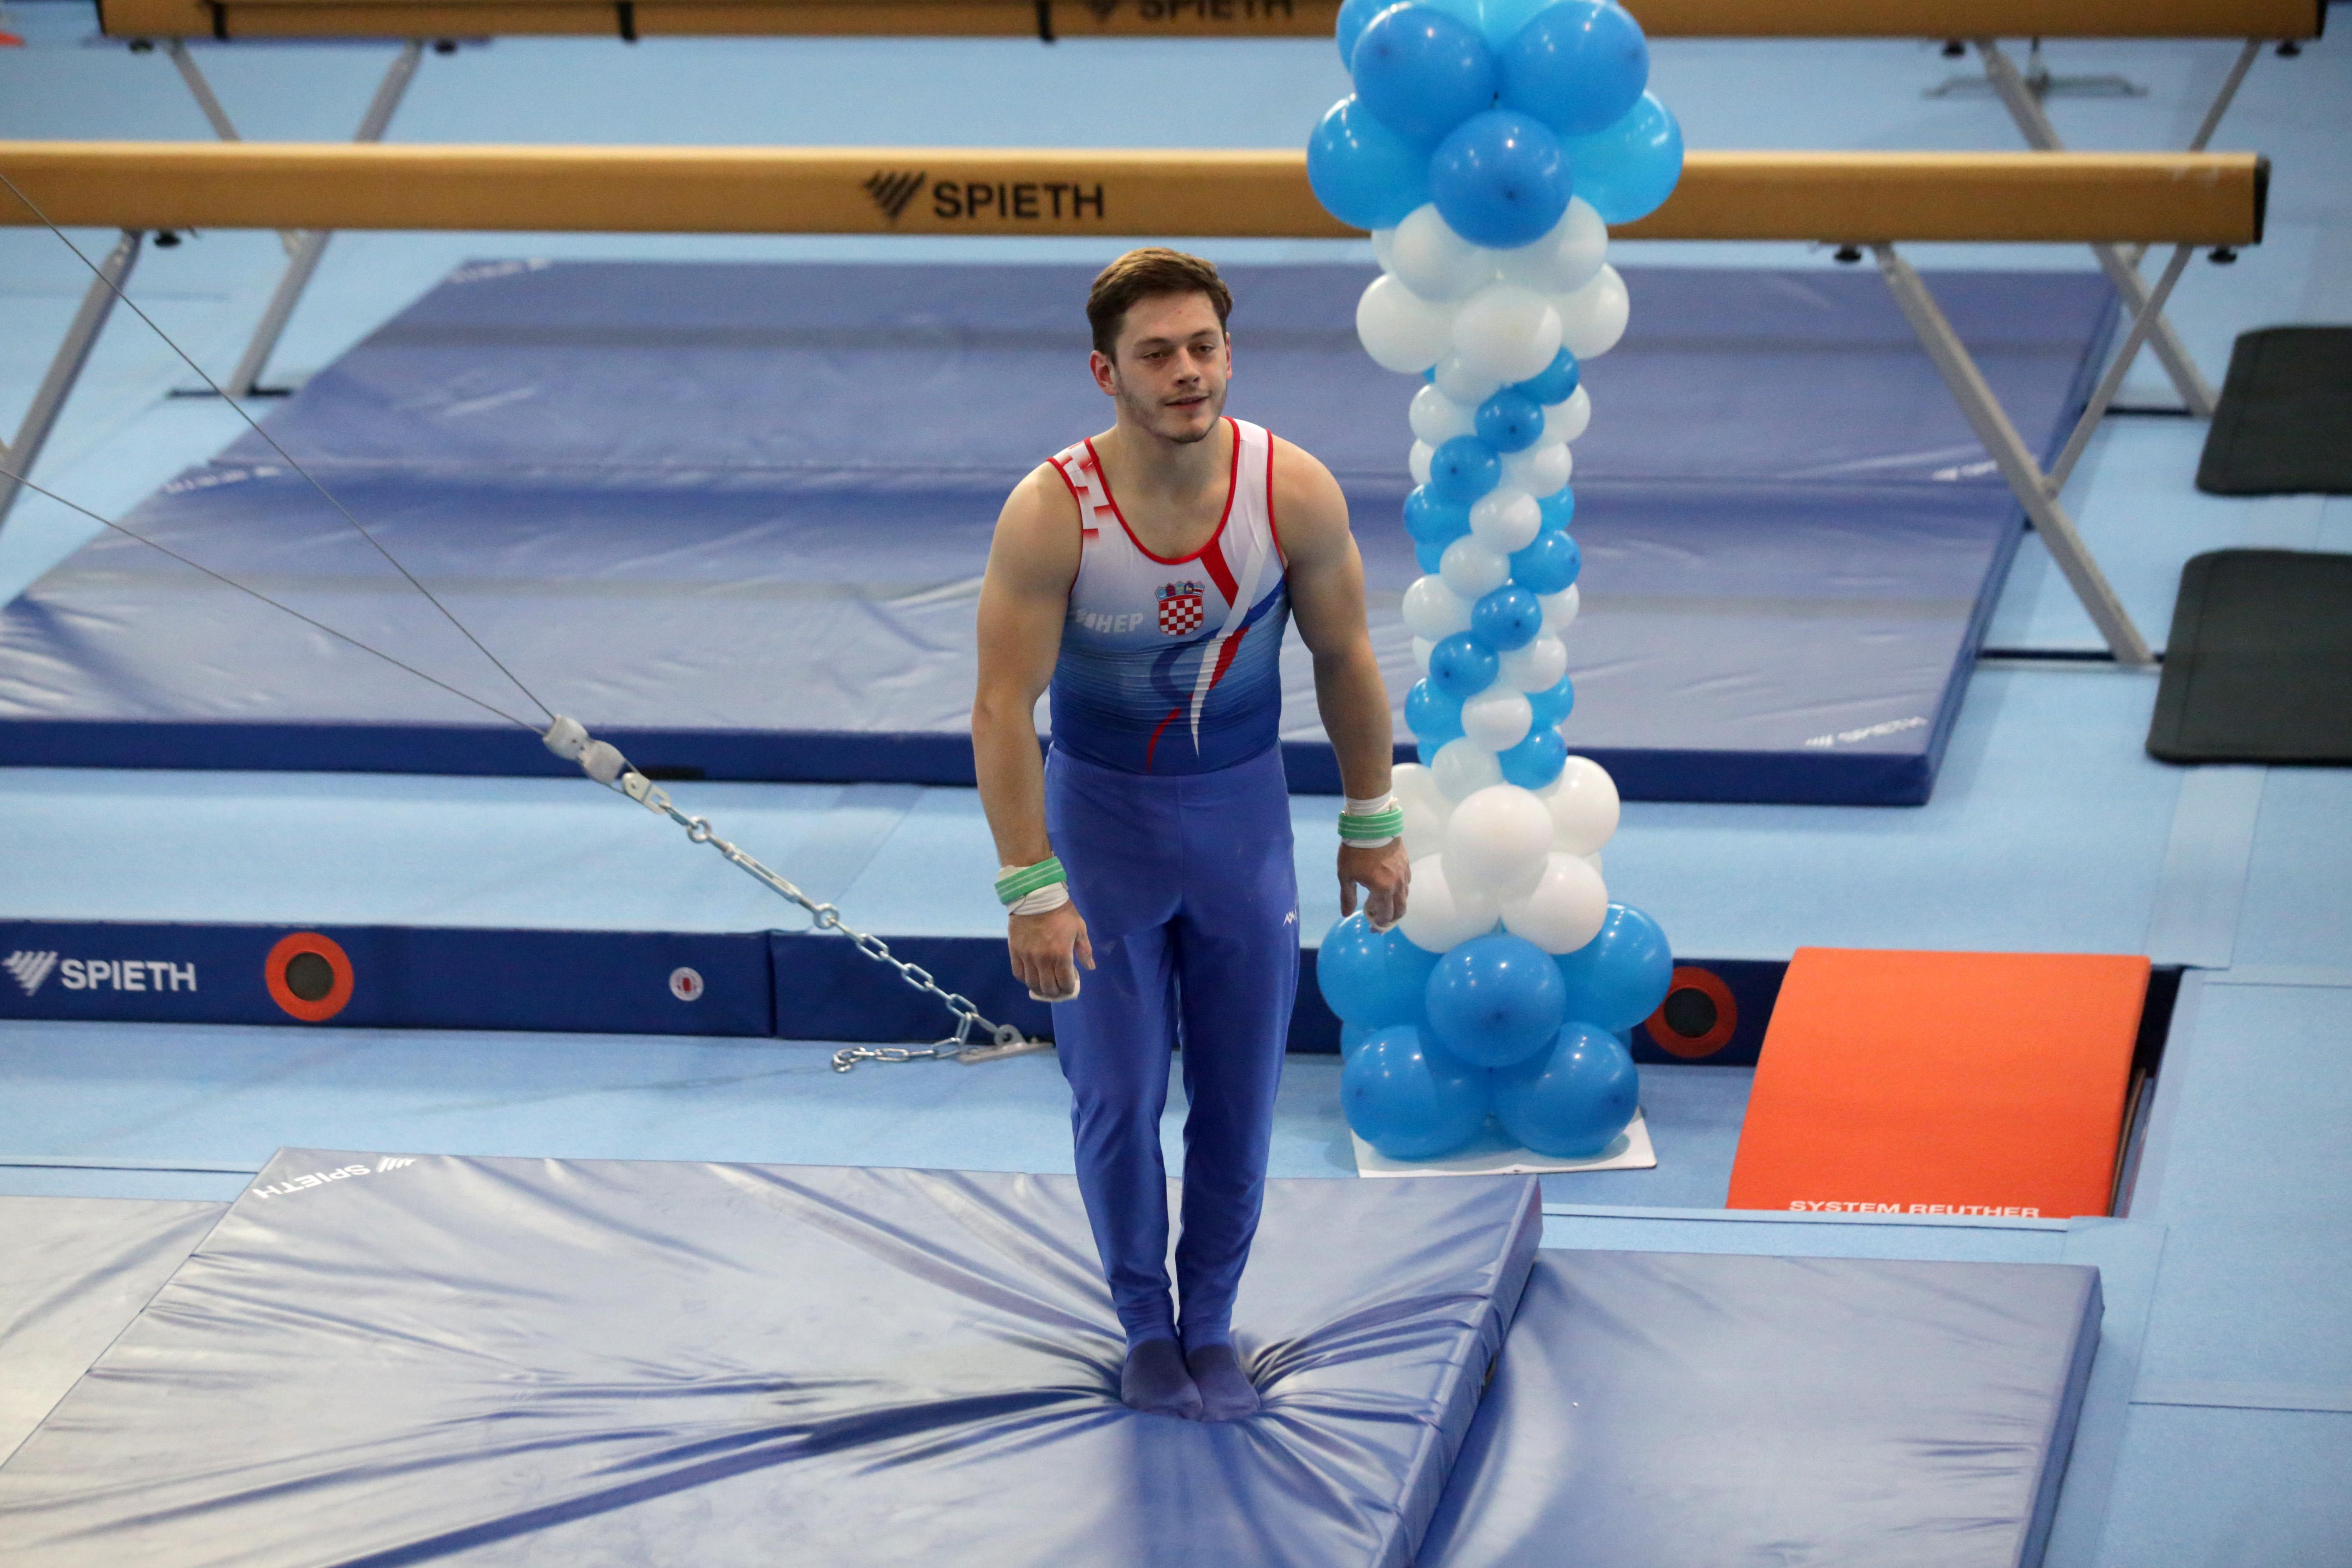 su li se olimpijski klizači izlazili